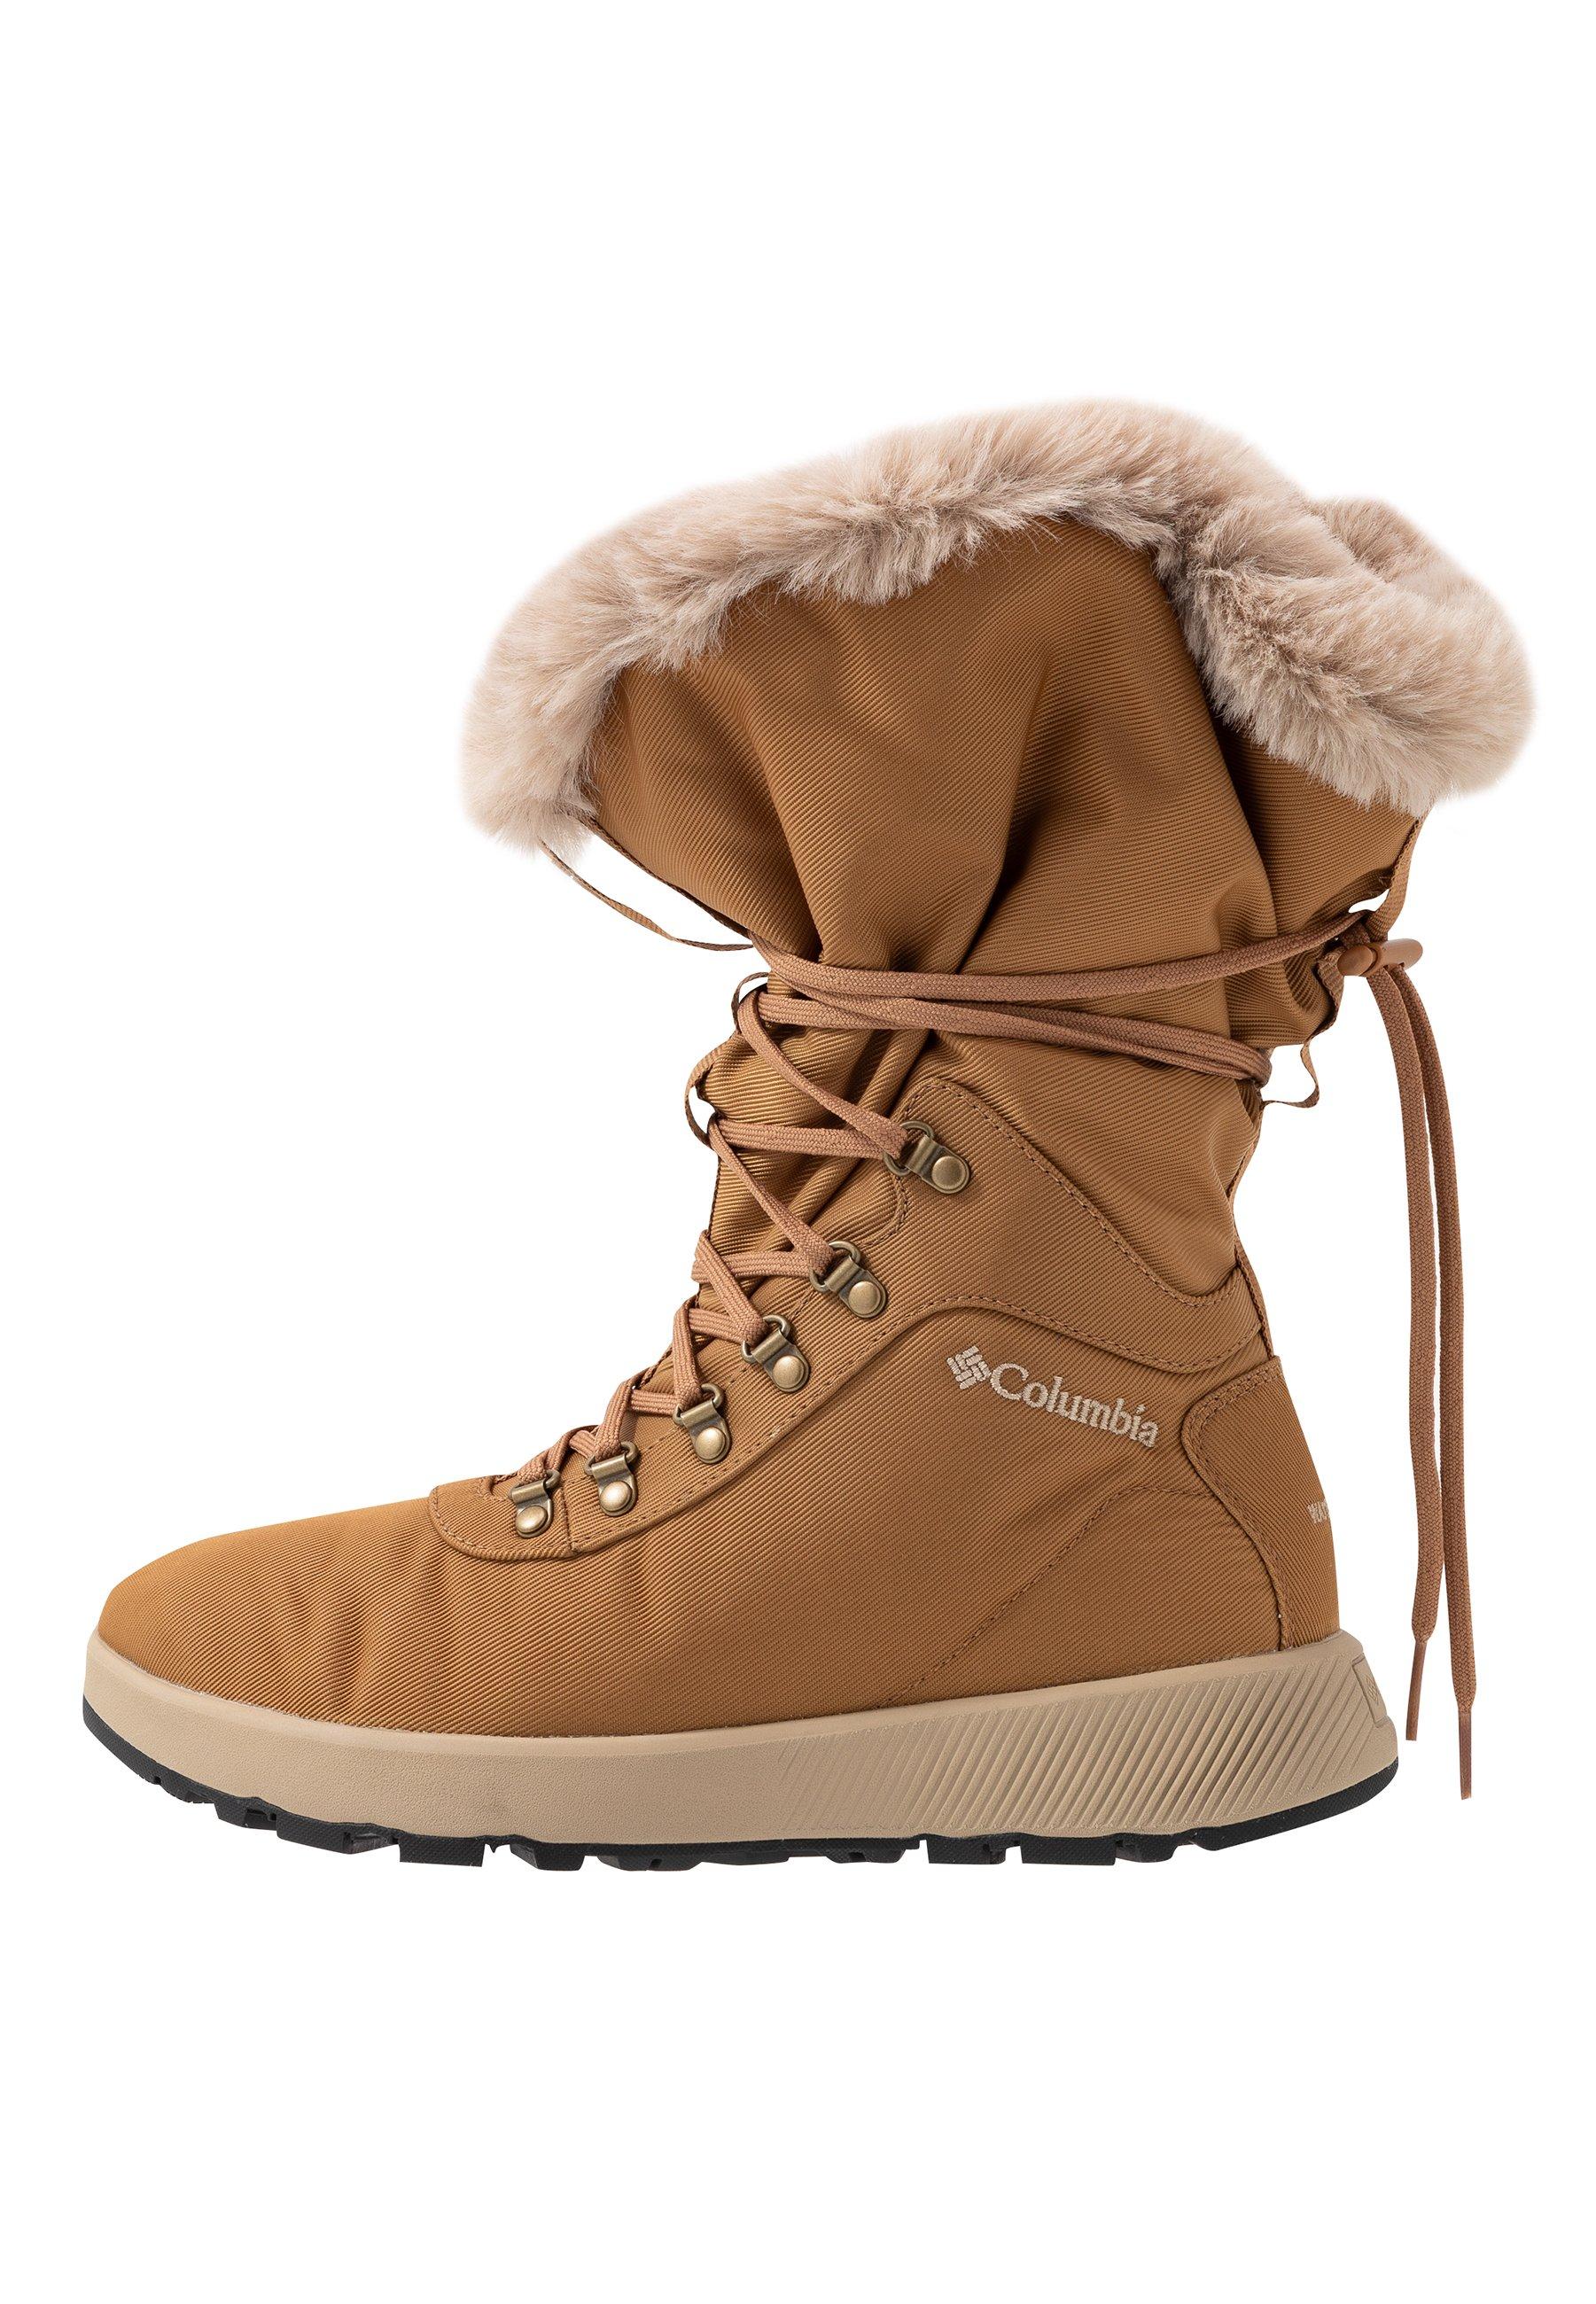 bottes de neige femme taille 43